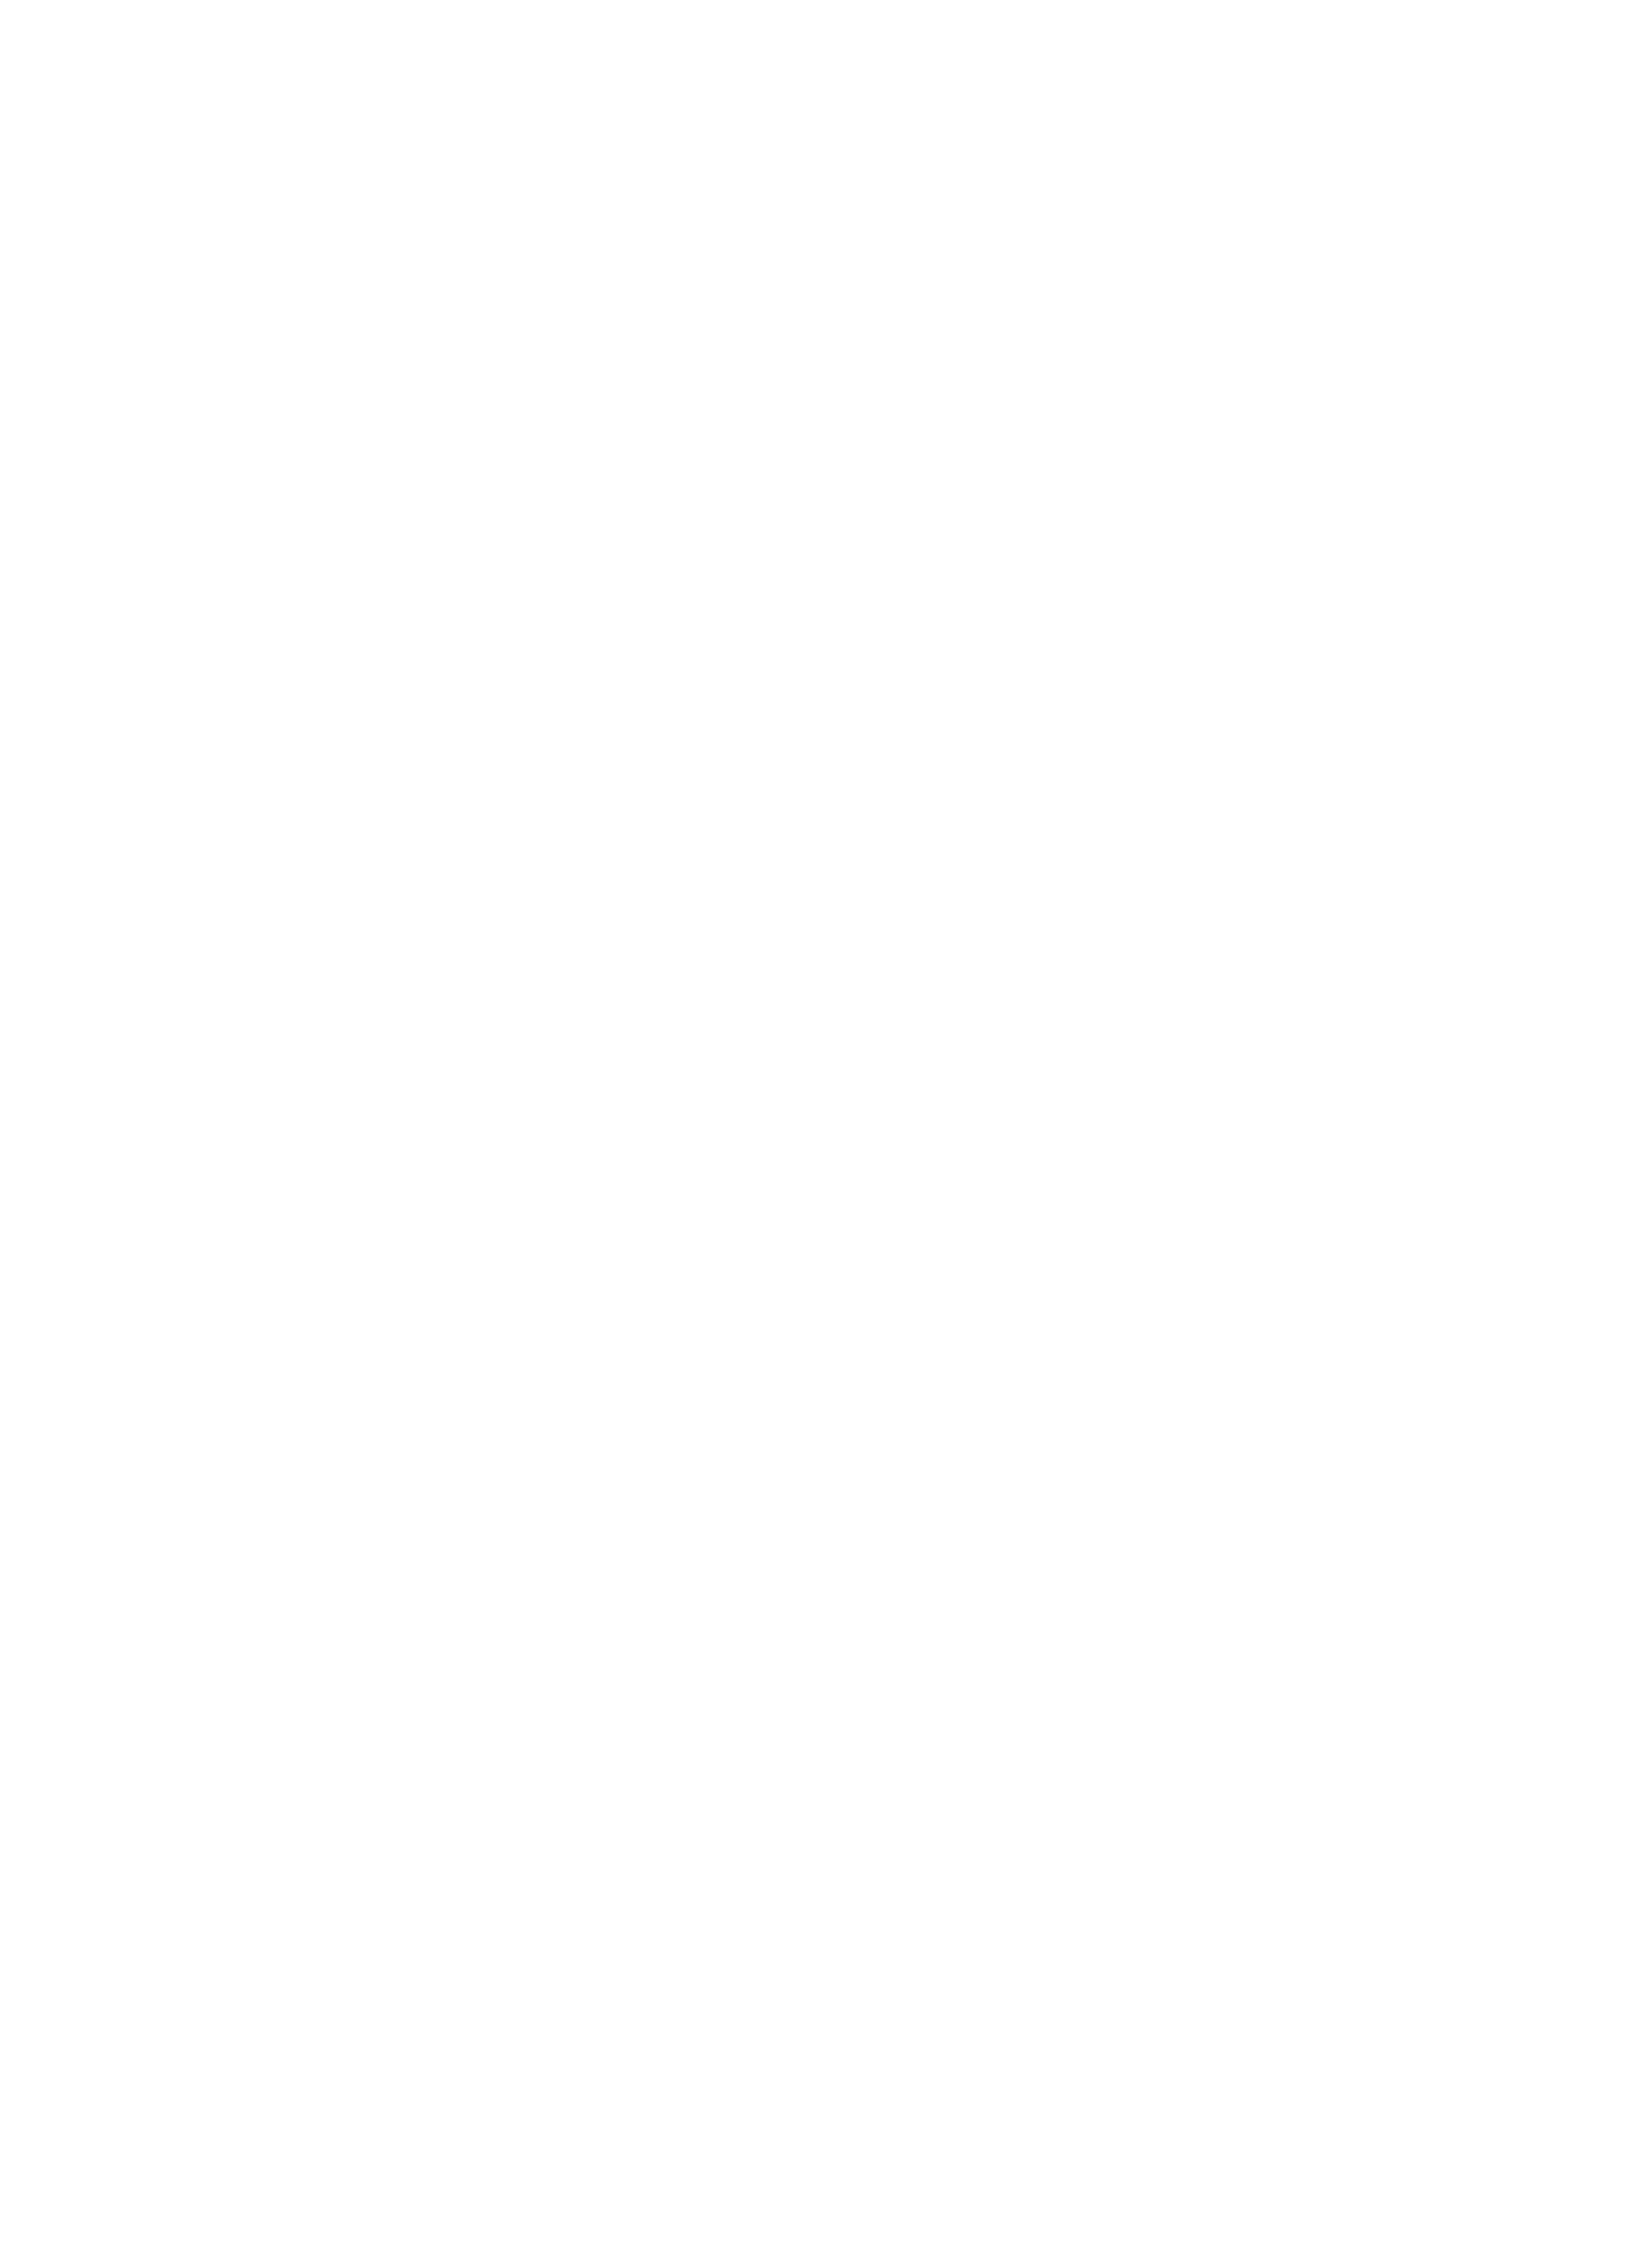 création logo sur-mesure créatrice cotons réutilisables